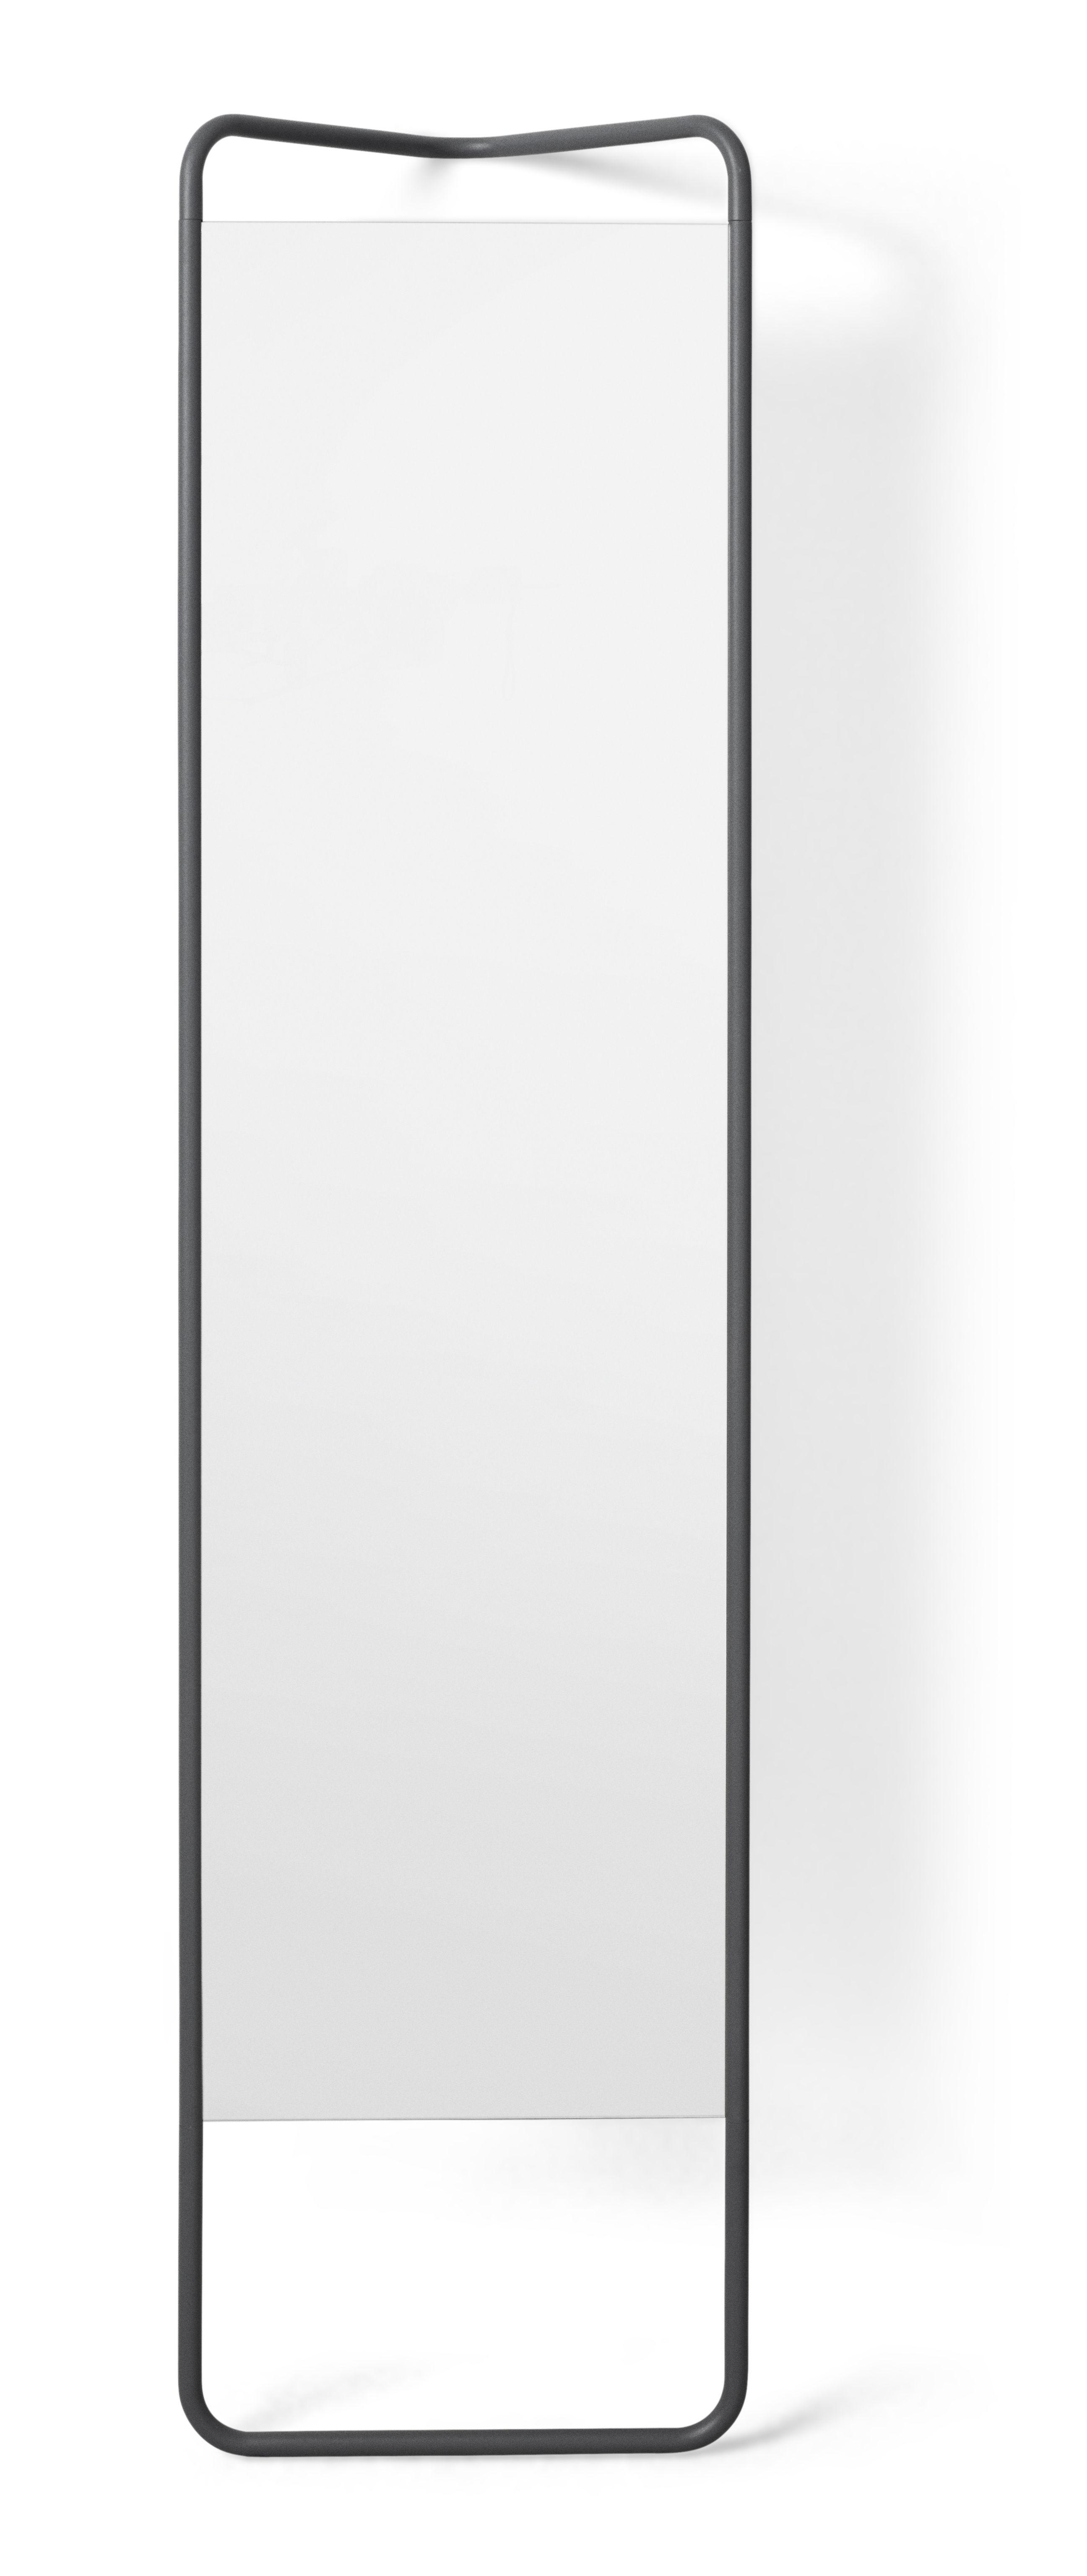 Scopri specchio da terra kaschkasch da appoggiare l 42 x h 175 cm verde muschio di menu - Specchio da terra ...